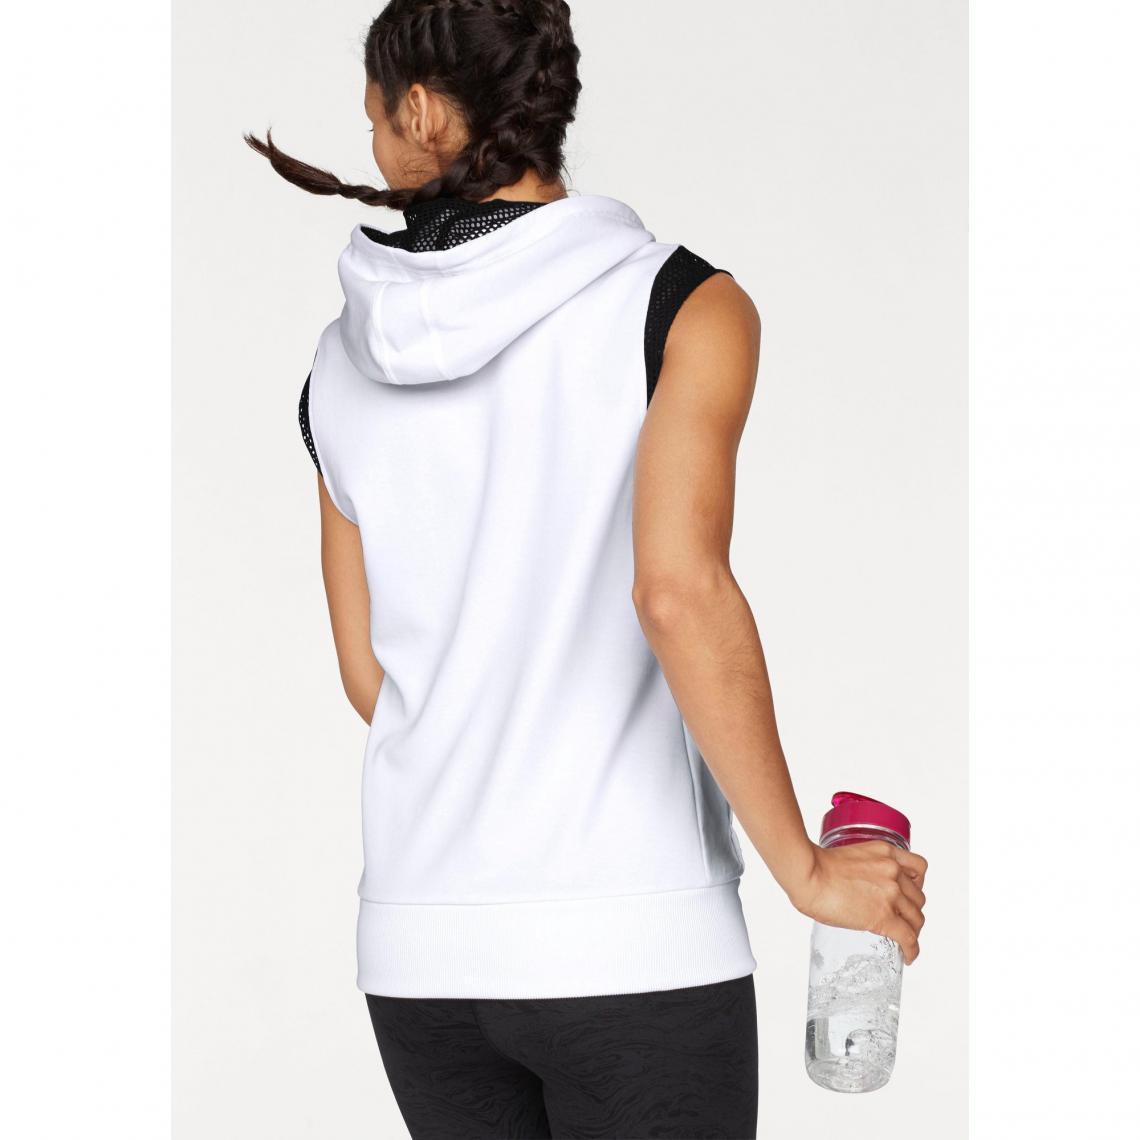 63021e4494a Sweats de sport femme Puma Cliquez l image pour l agrandir. Sweat-shirt à  capuche sans manches femme Explosive Sleeveless Hoodie ...